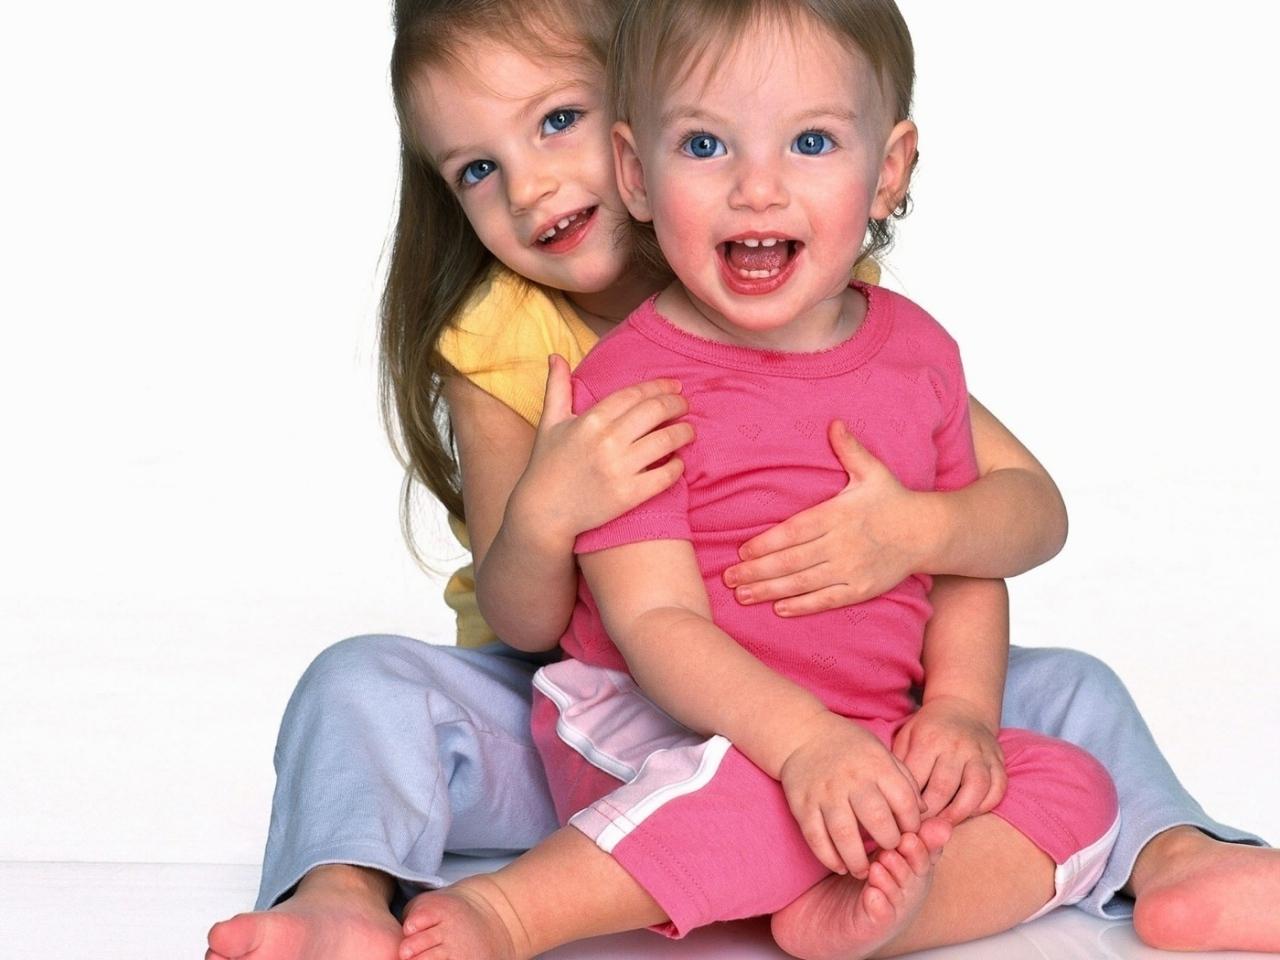 チルドレンズプレイス(THE CHILDREN'S PLACE)アメリカ大人気子供服